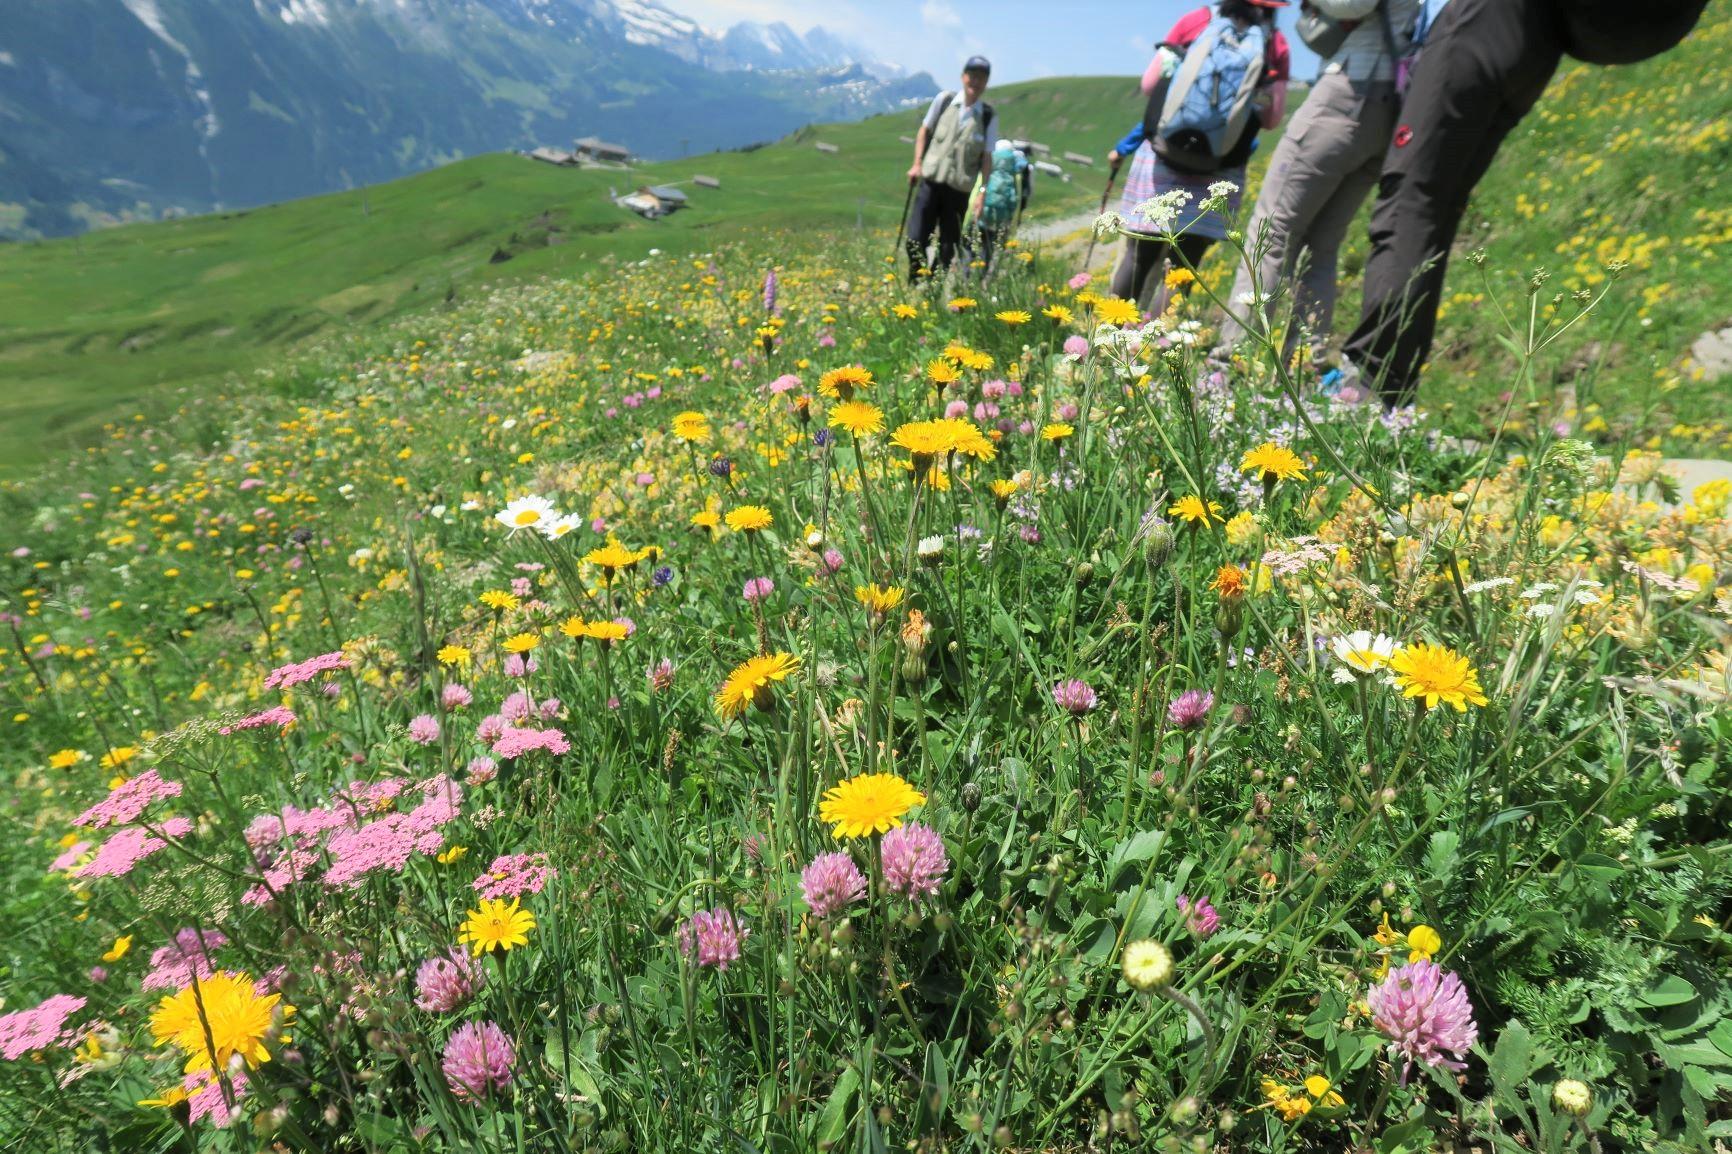 初夏から夏にかけて高山植物が咲き乱れる(3日目)